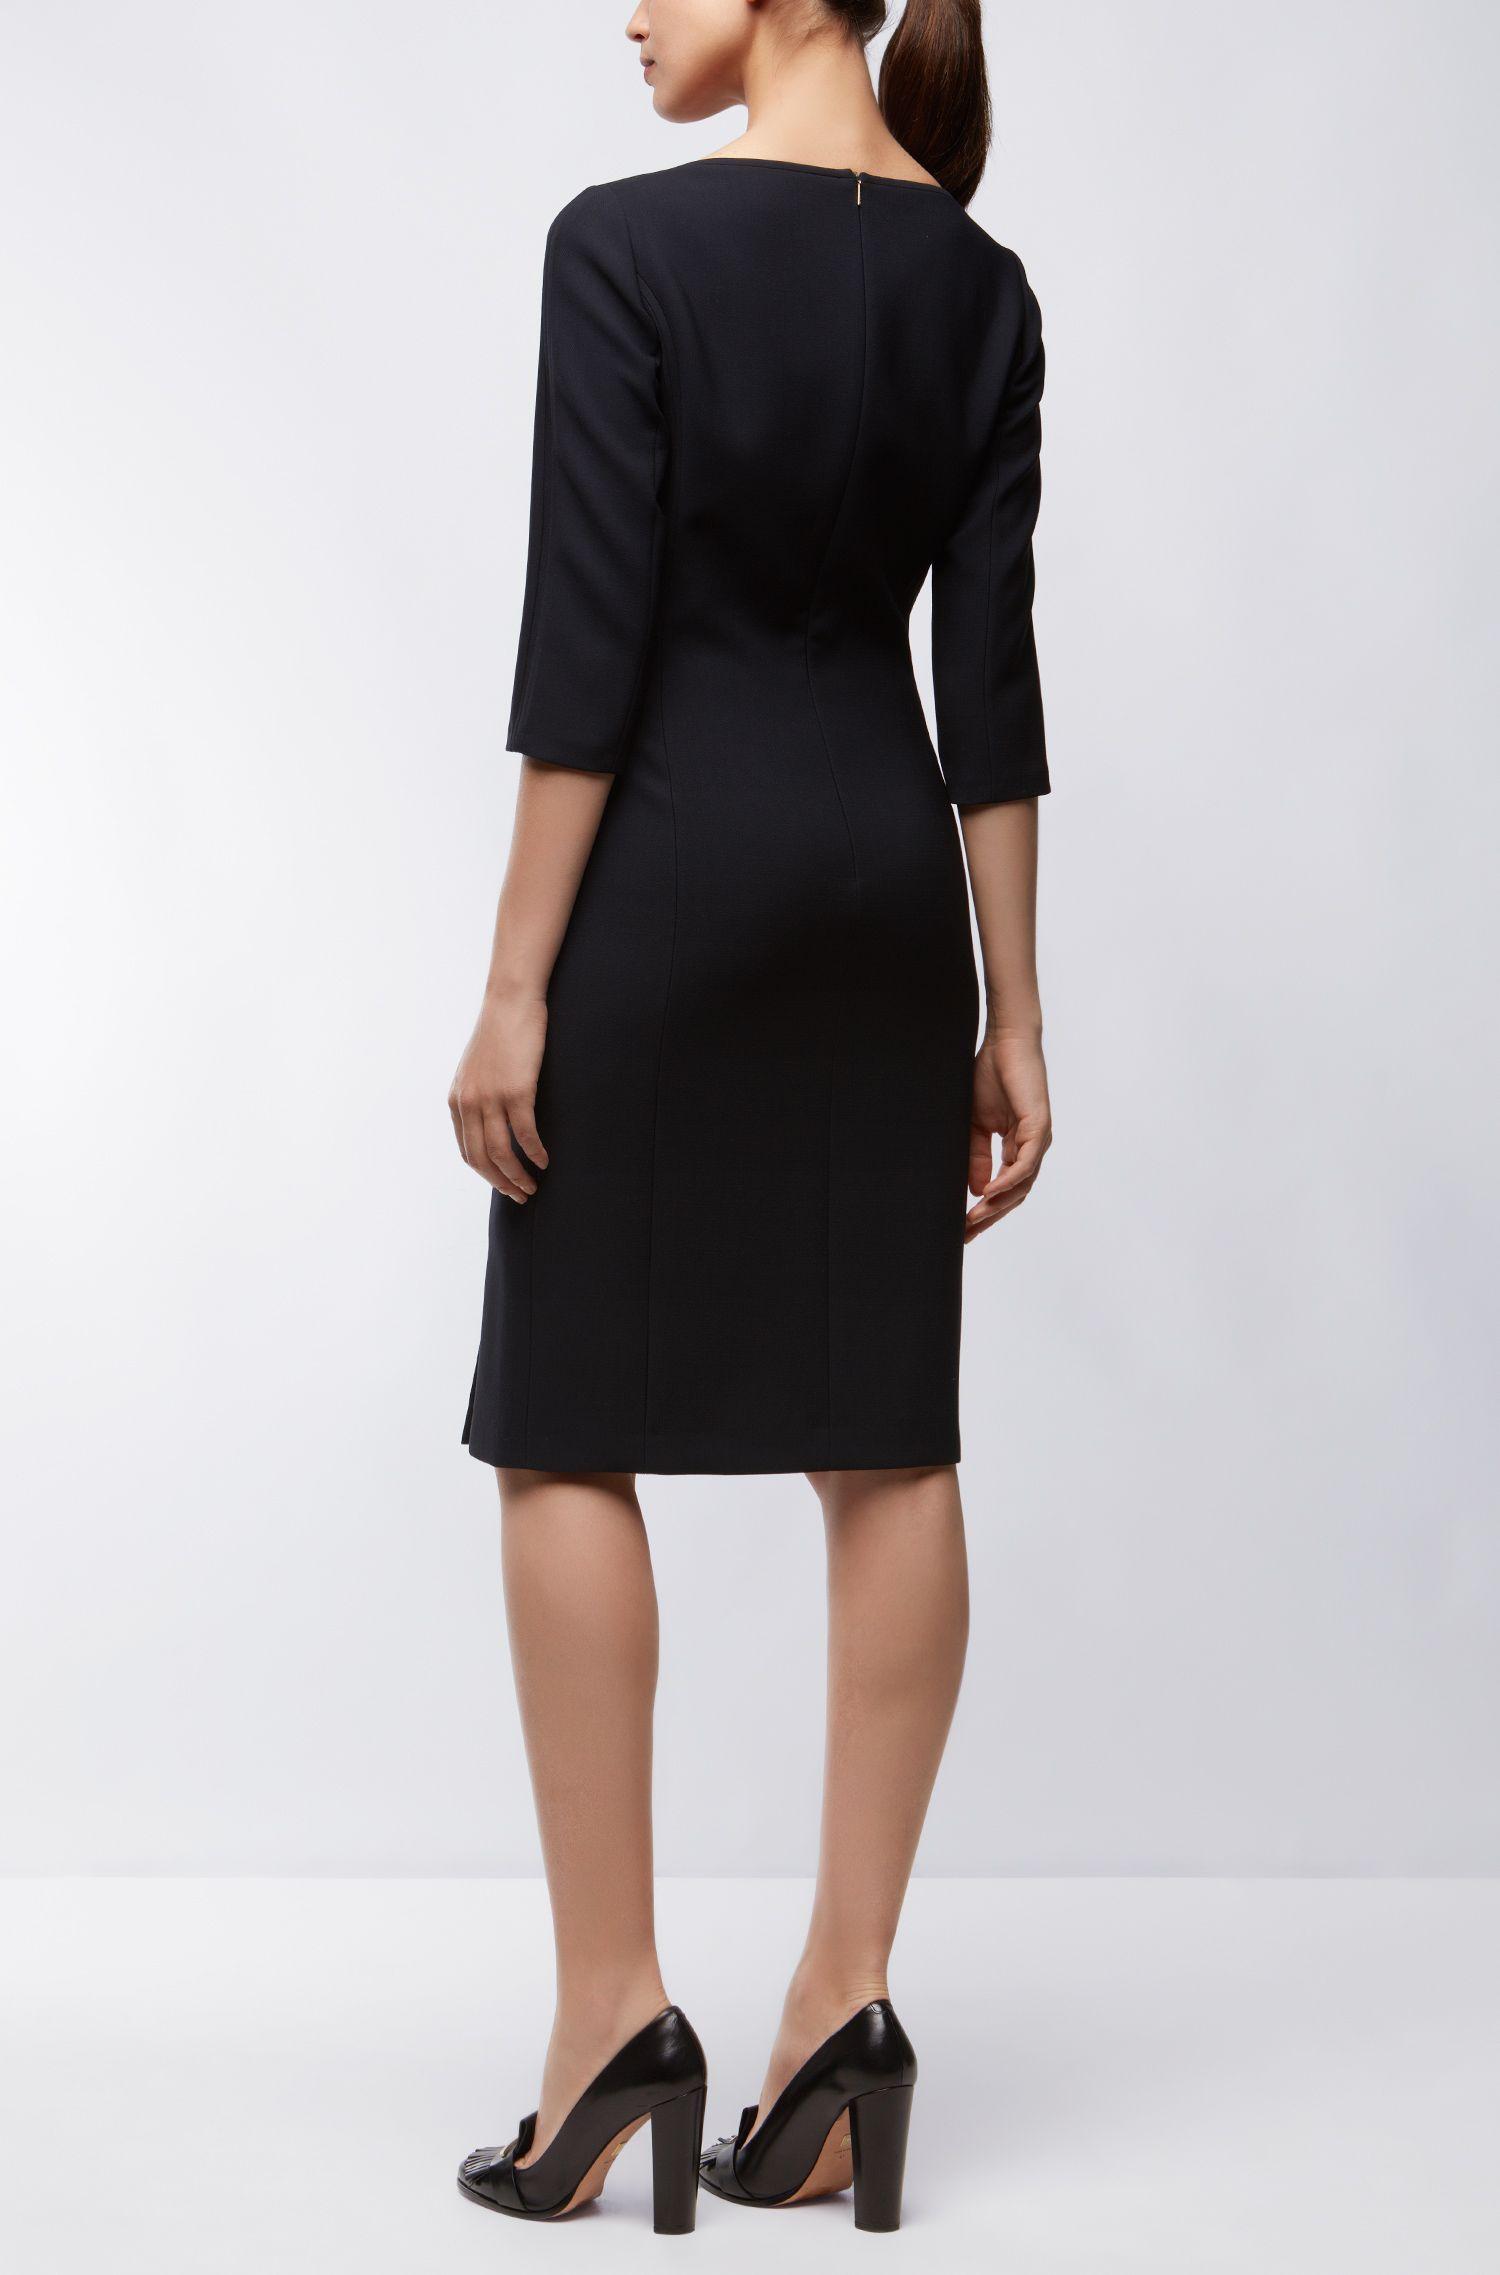 Virgin Wool Sheath Dress | Dikena